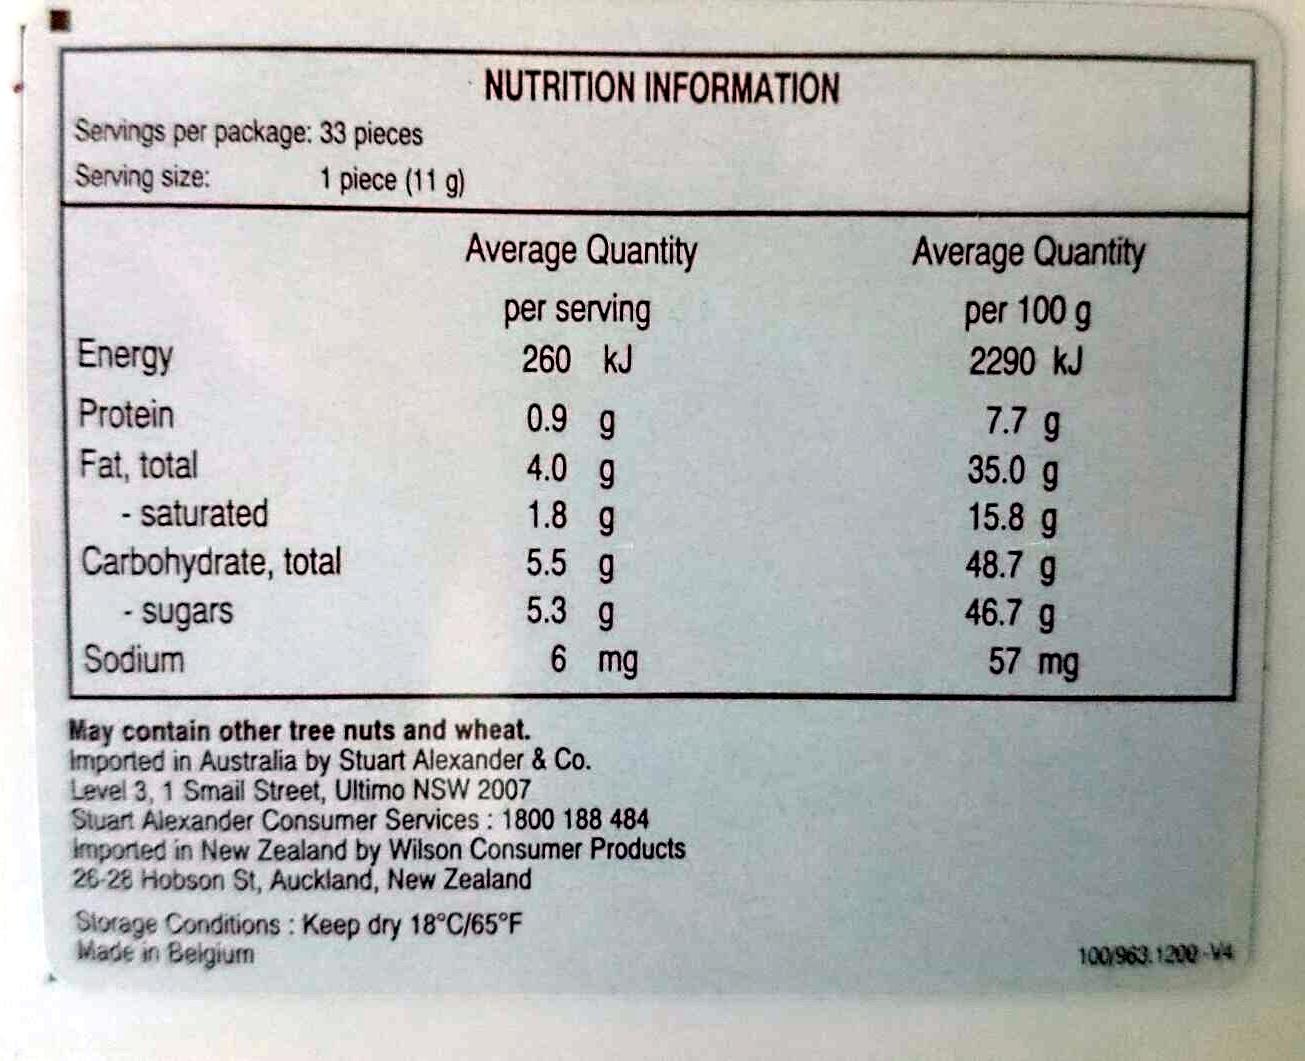 Guylian Sea Shells Selection - Nutrition facts